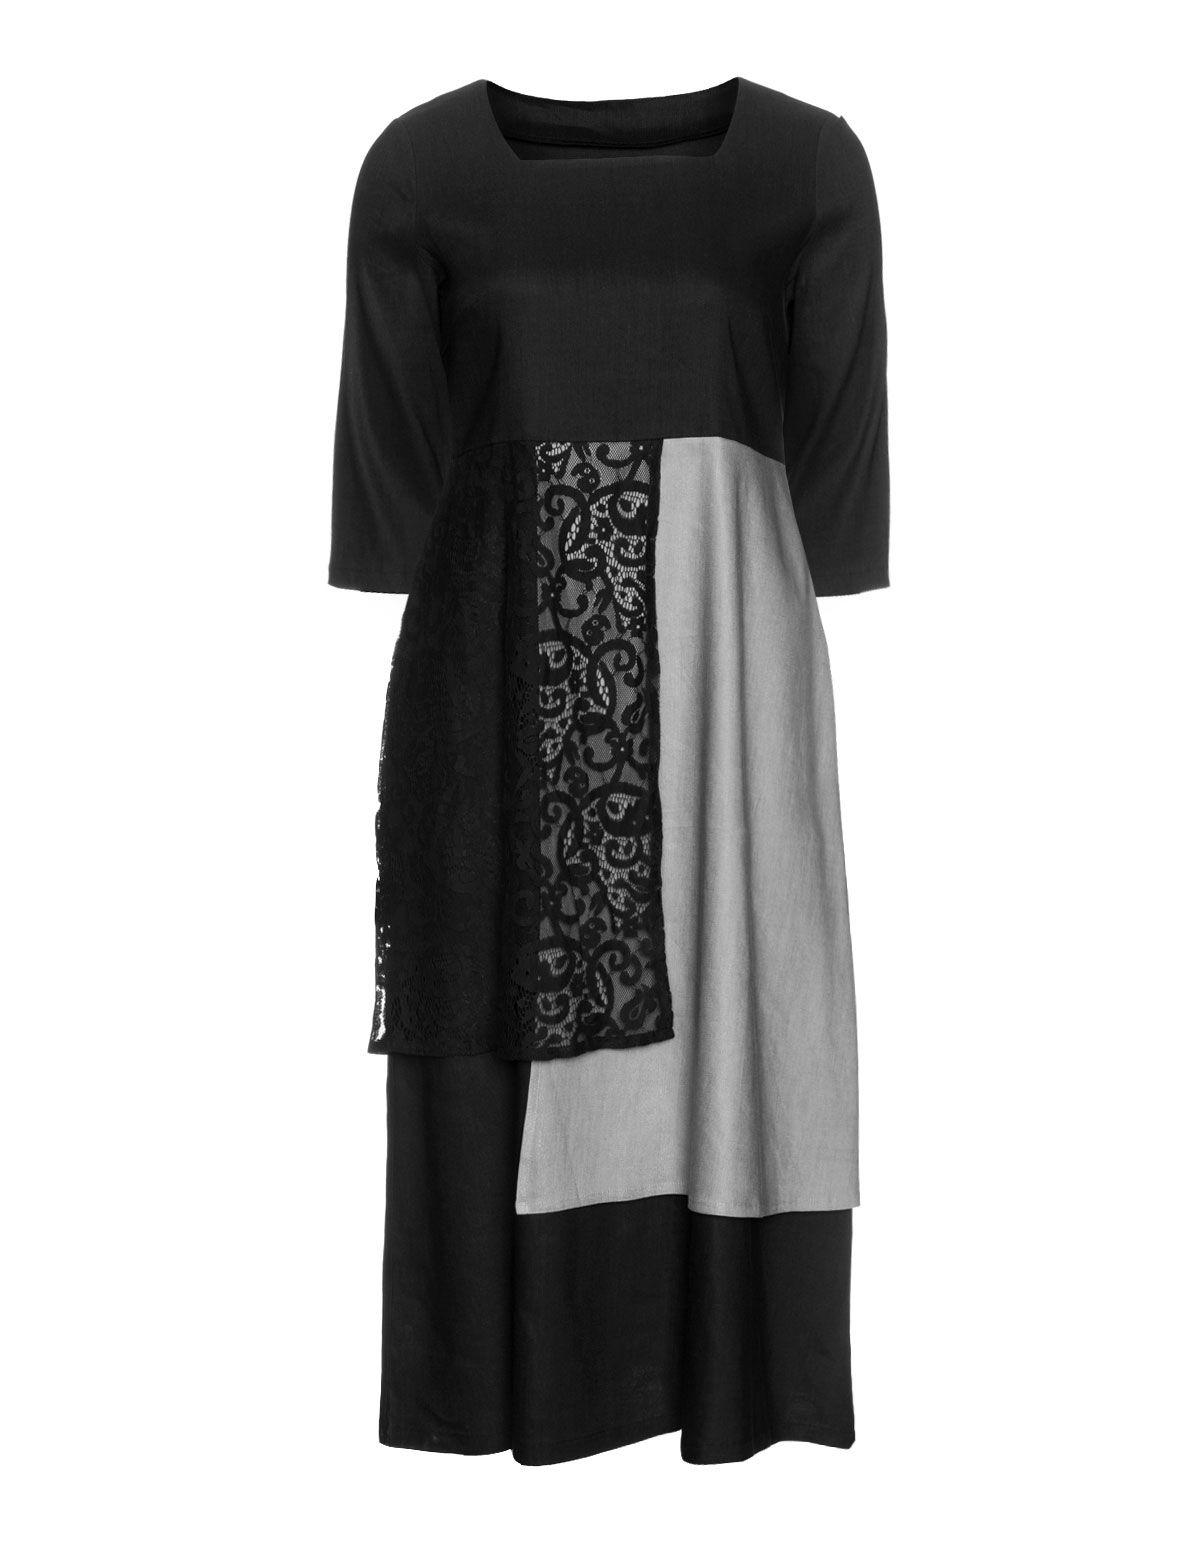 ISOLDE ROTH  Kleid aus Leinen und Spitze  navabi  Leinen